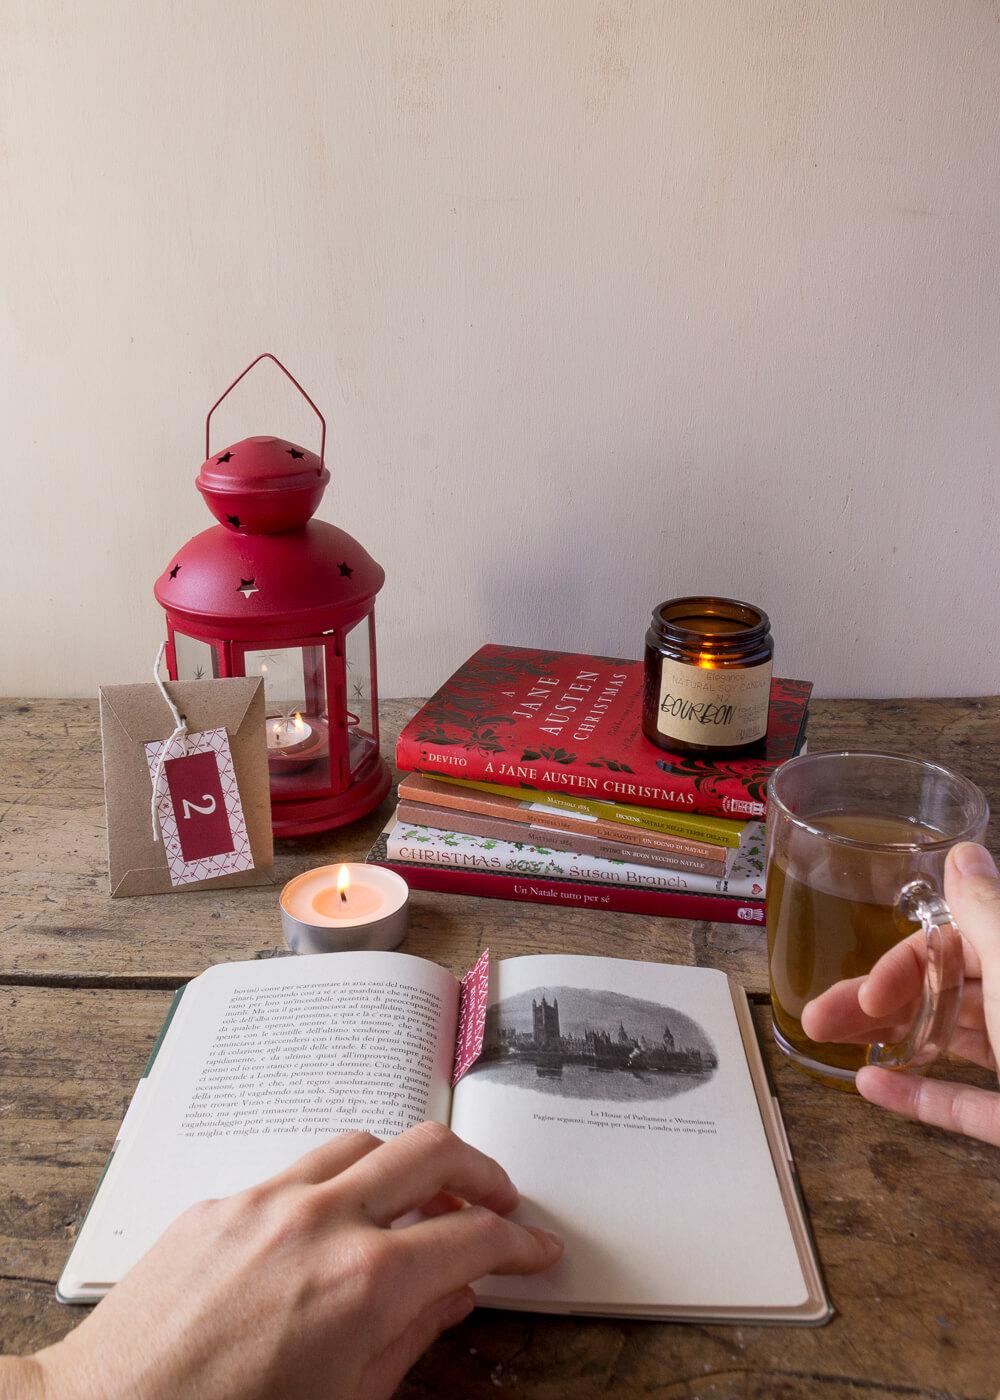 Calendario dell'Avvento - I libri di Natale - Un Natale di tradizioni - Lily&SageDesign